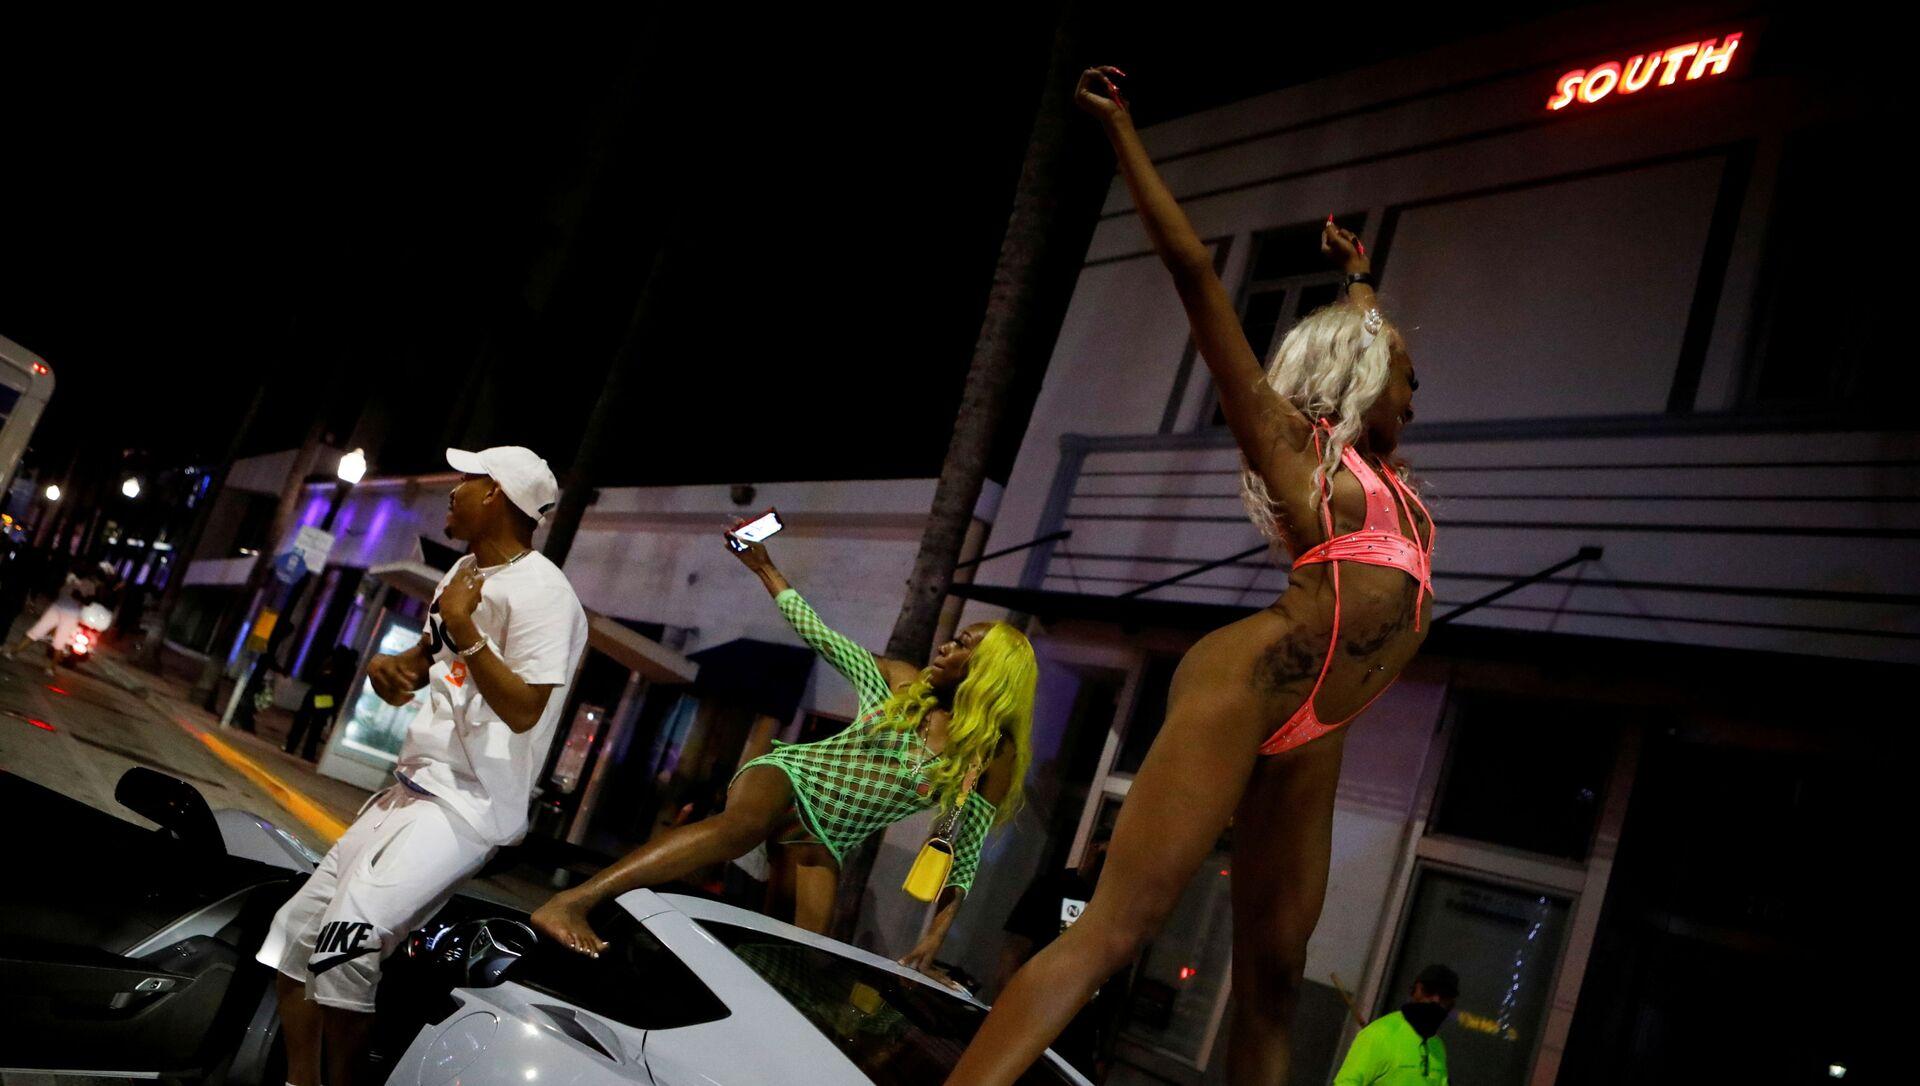 Bahar tatiline gelen gençlerin sokaklarında ve plajlarında çılgın partiler düzenlediği Miami Beach, OHAL ilan edip gece sokağa çıkma yasağı koydu. - Sputnik Türkiye, 1920, 21.03.2021